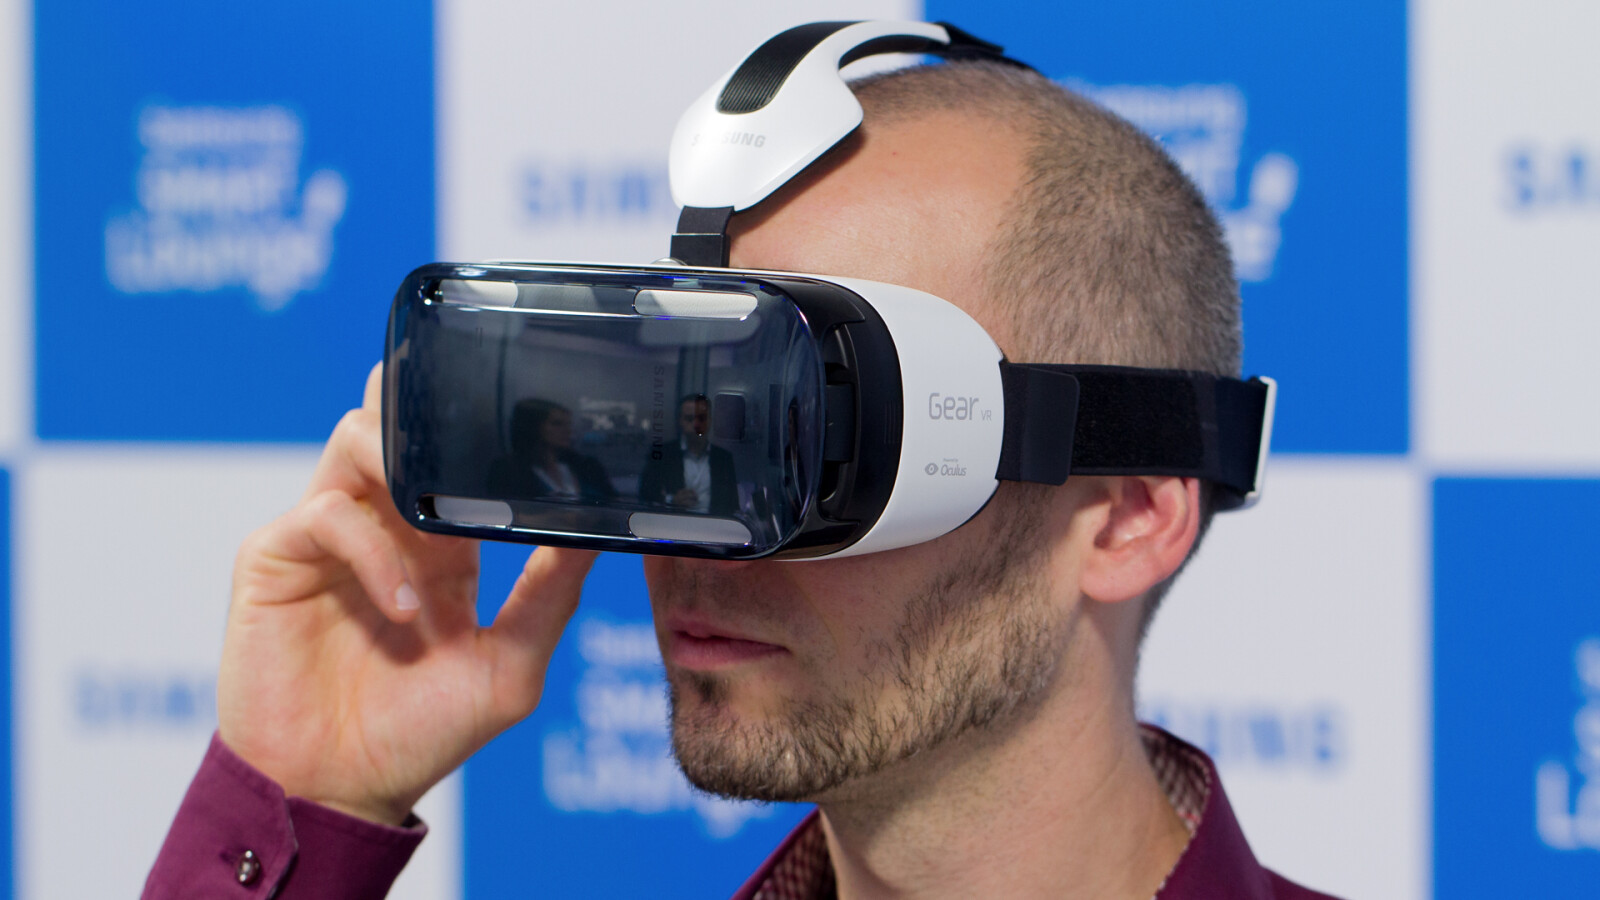 Samsung Gear Vr Im Hands On Auf Virtueller Tauchfahrt Mit Der